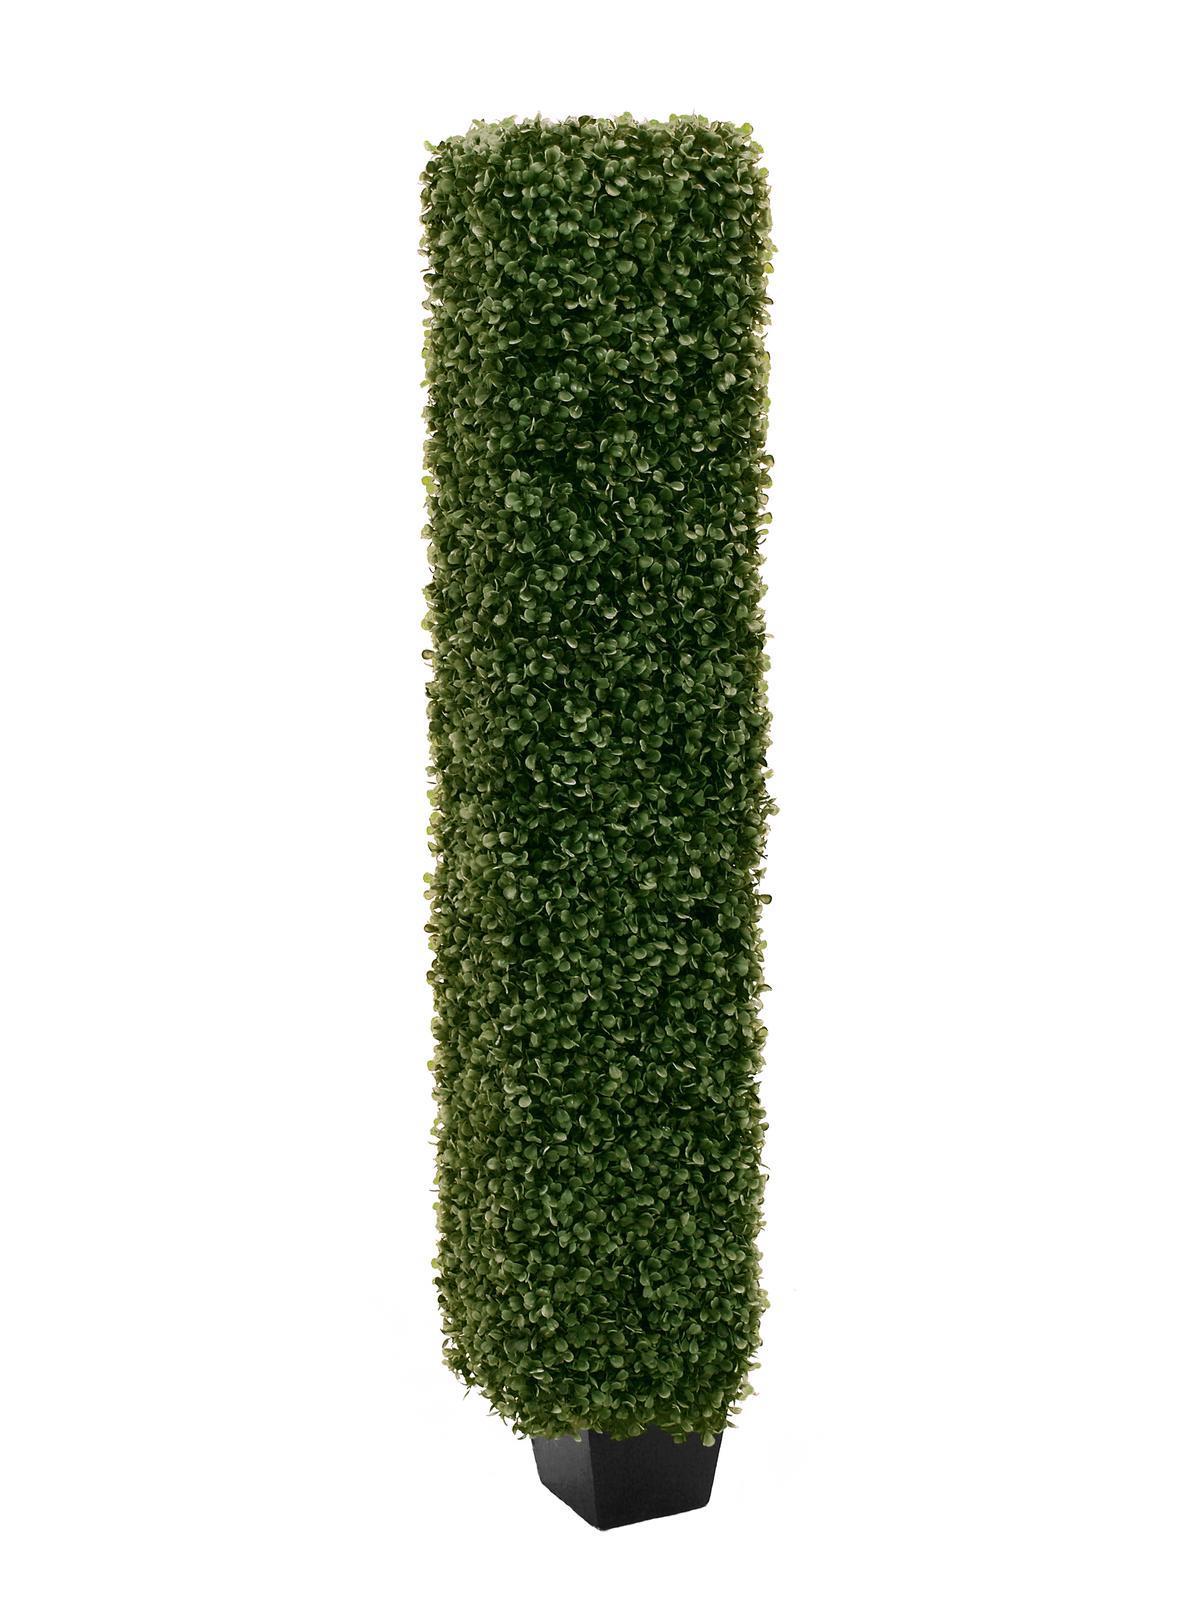 Europalms Buchsbaumsäule, 118cm - Kunstpflanze